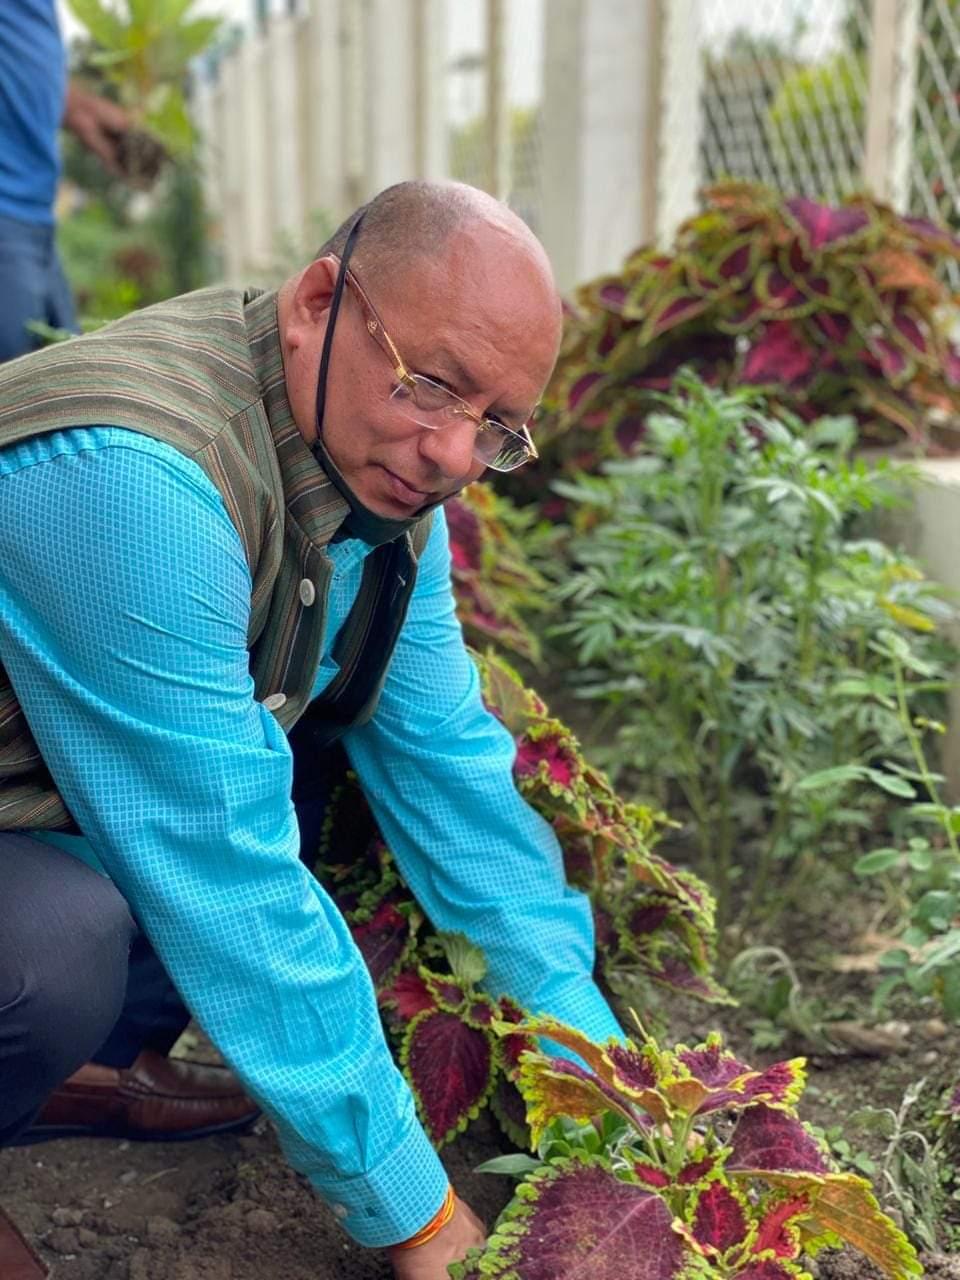 हरेला पर मुख्यमंत्री त्रिवेंद्र सिंह रावत के औद्योगिक सलाहकार डॉ के एस पंवार ने रोपा पौधा